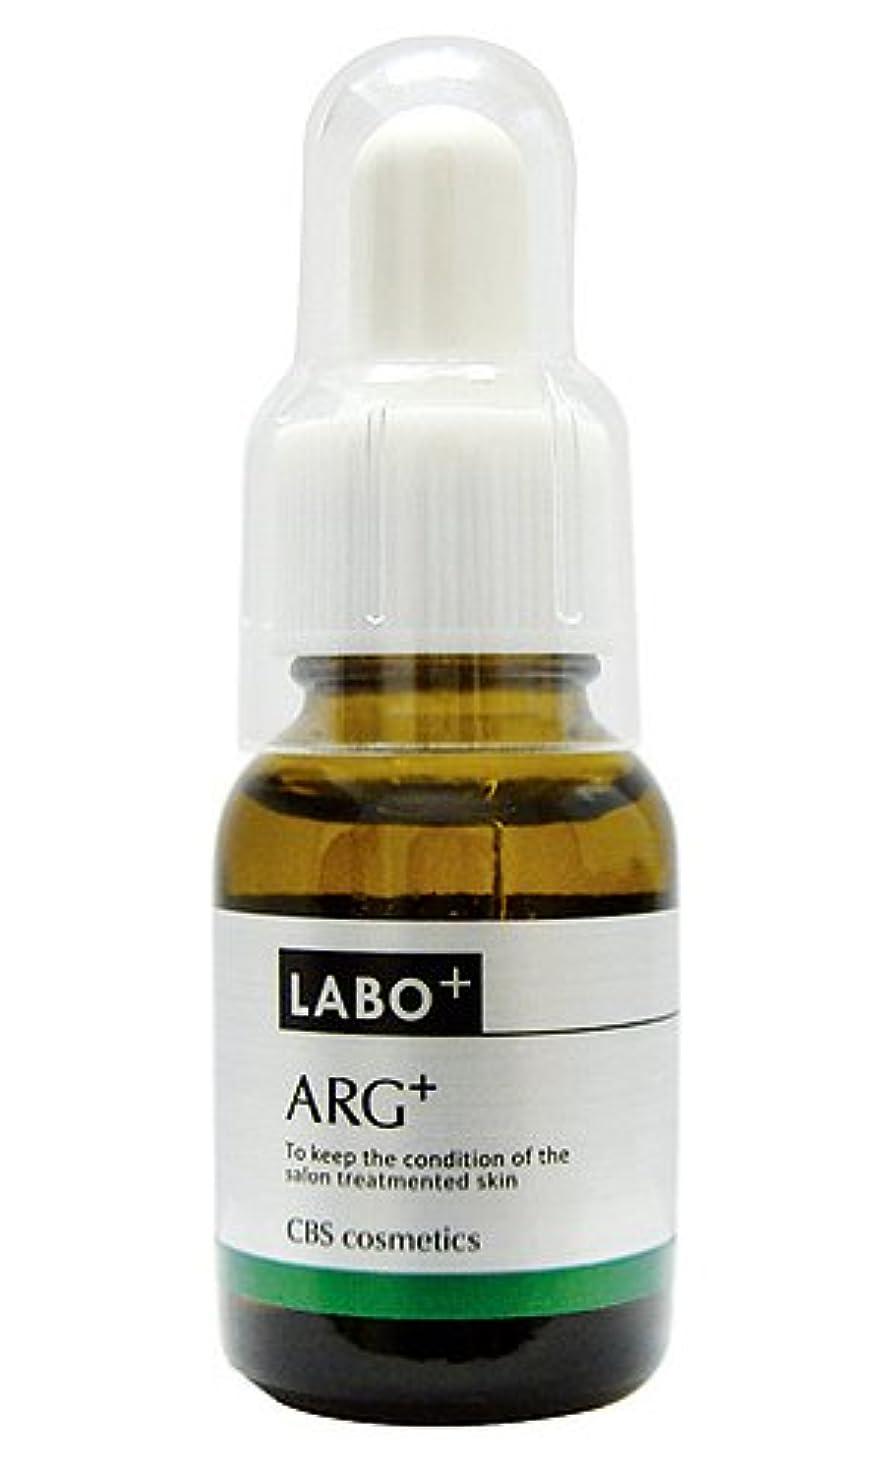 近似アラーム受付LABO+ ラボプラス ARGプラス 17ml